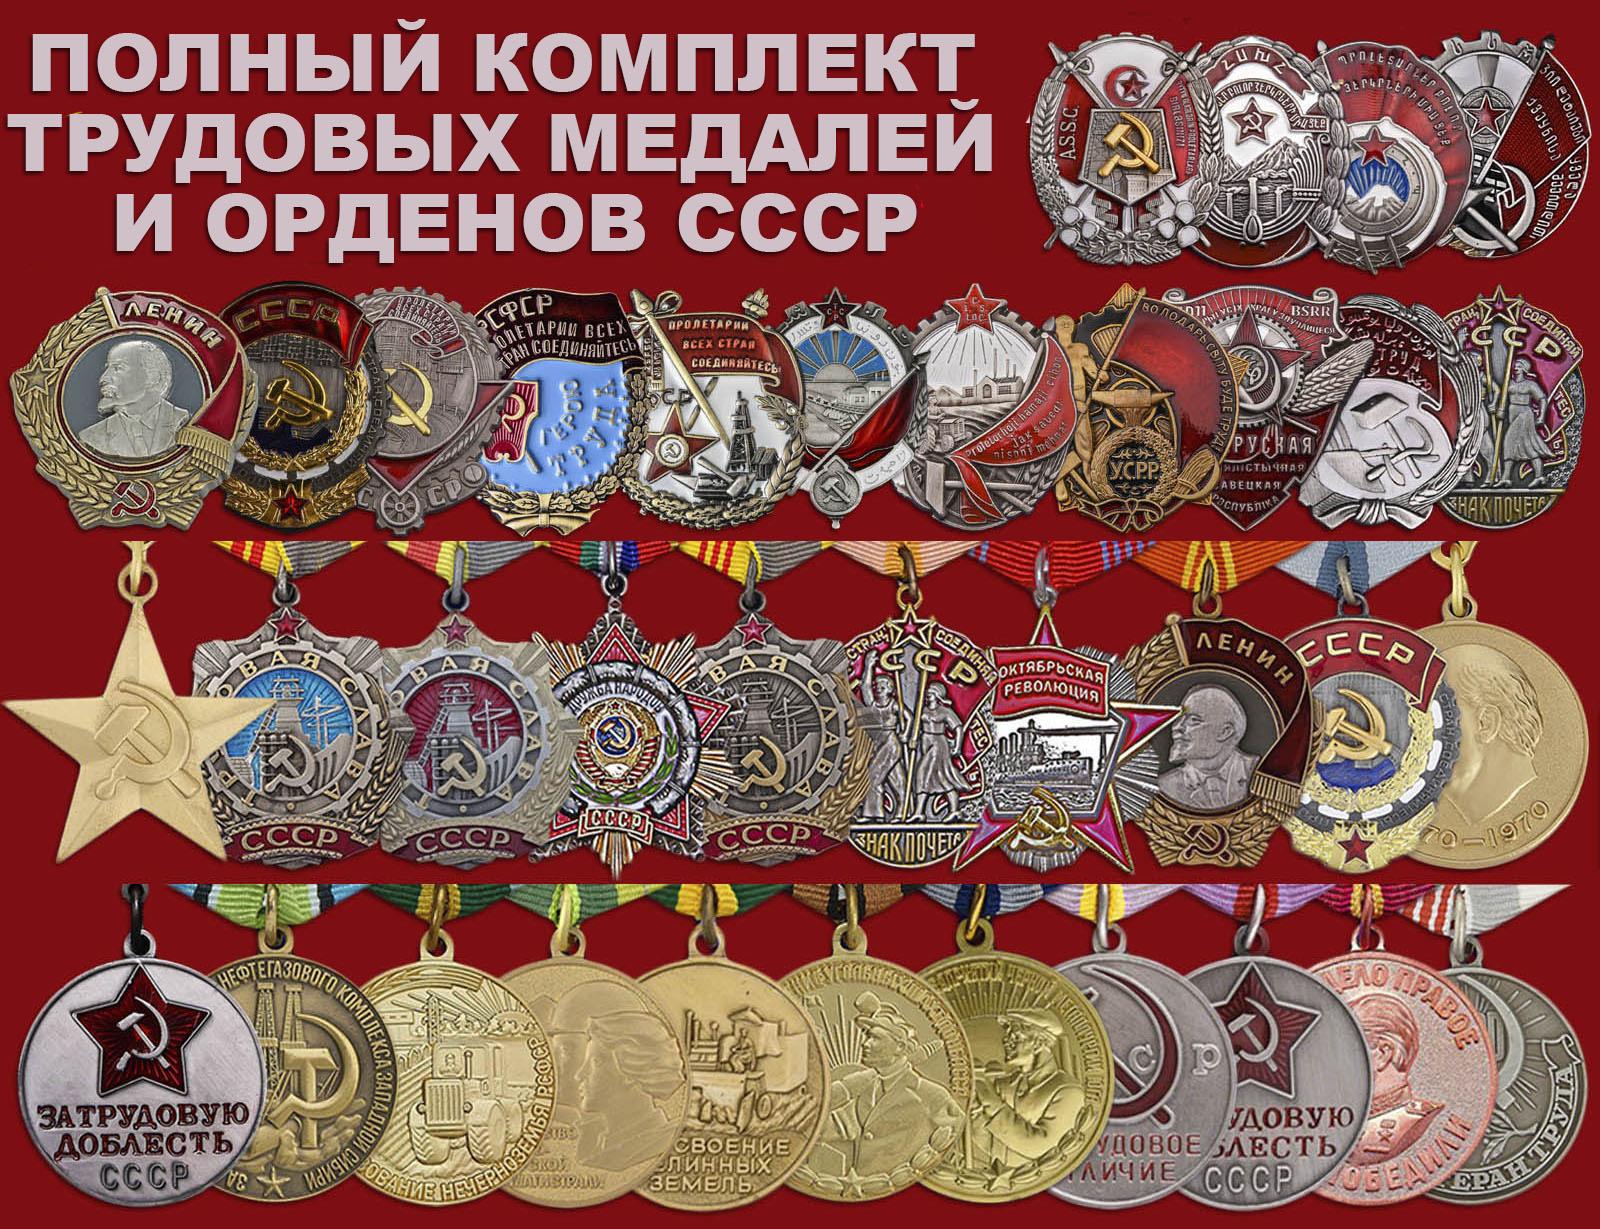 Трудовые ордена и медали СССР